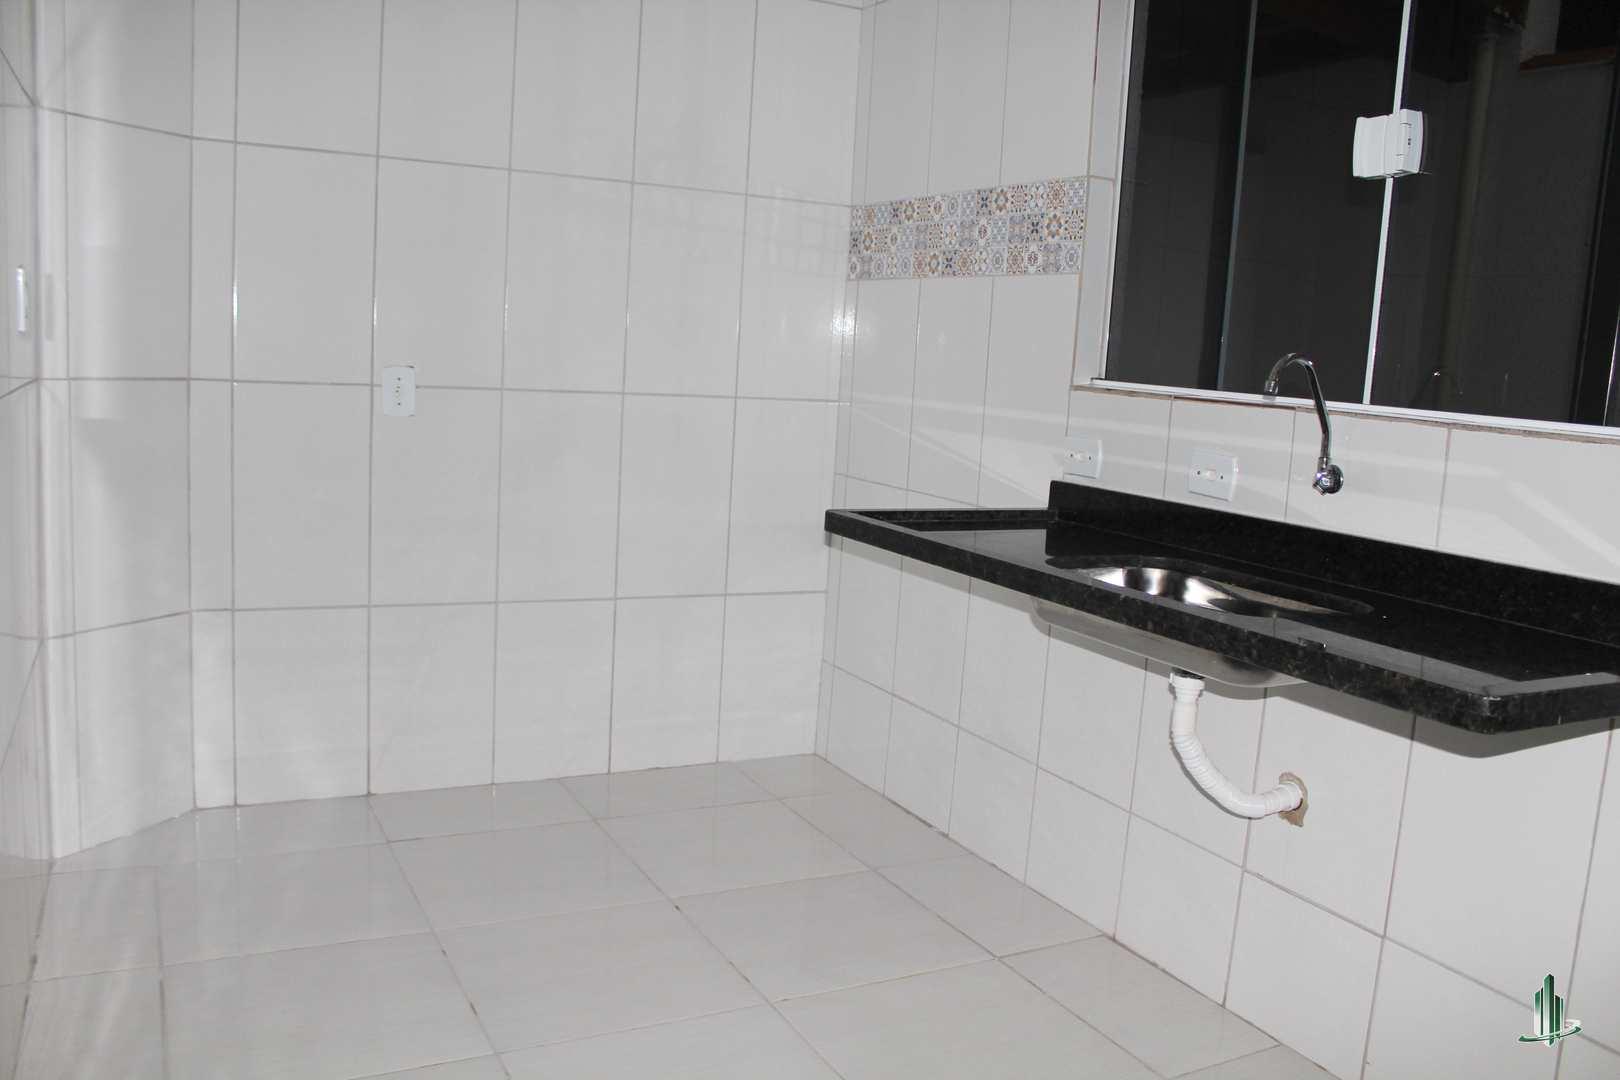 Sobrado de Condomínio com 2 dorms, Antártica, Praia Grande - R$ 190 mil, Cod: SO1228